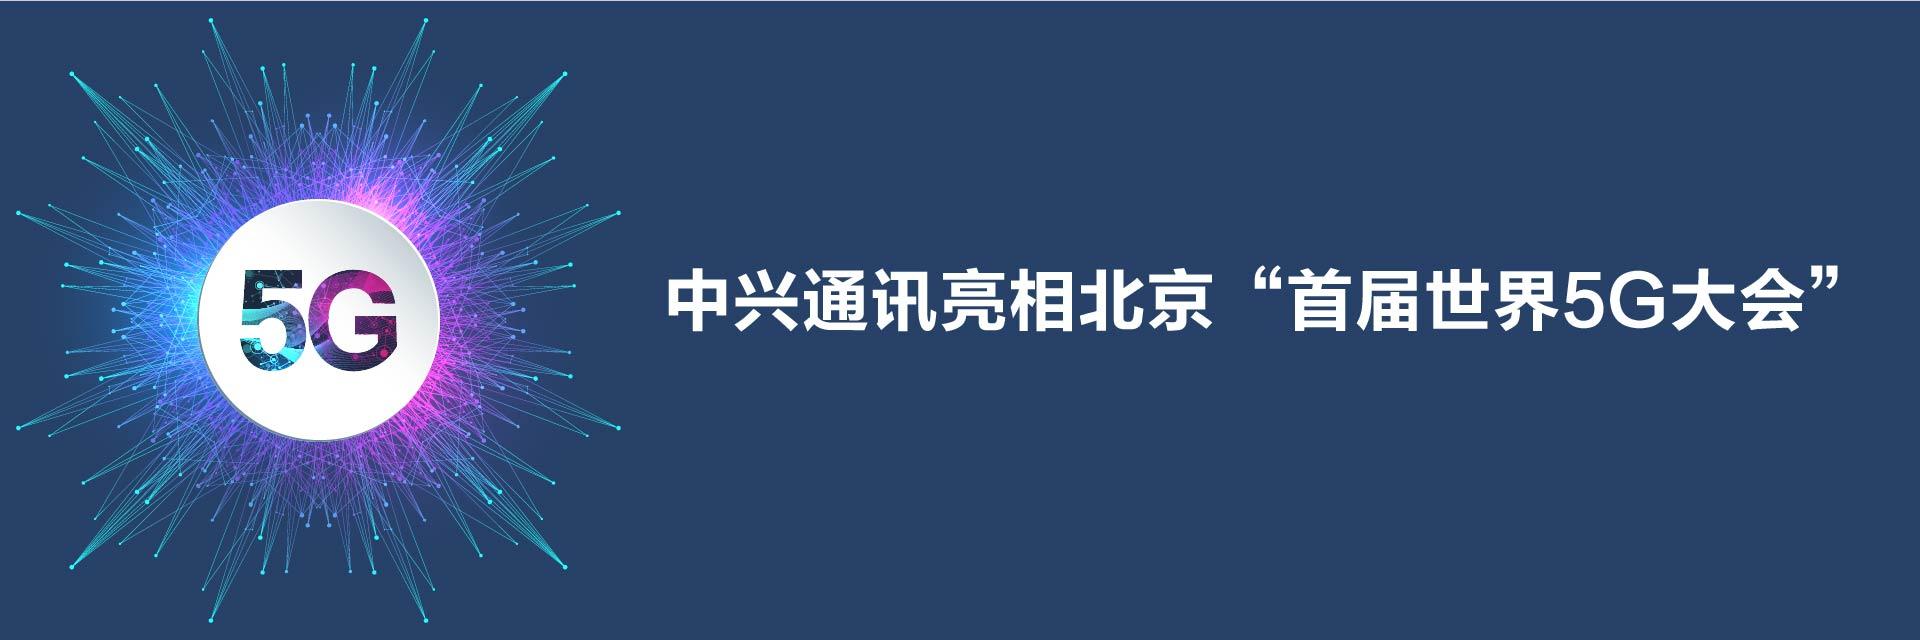 """中兴通讯亮相北京""""首届世界5G大会"""""""